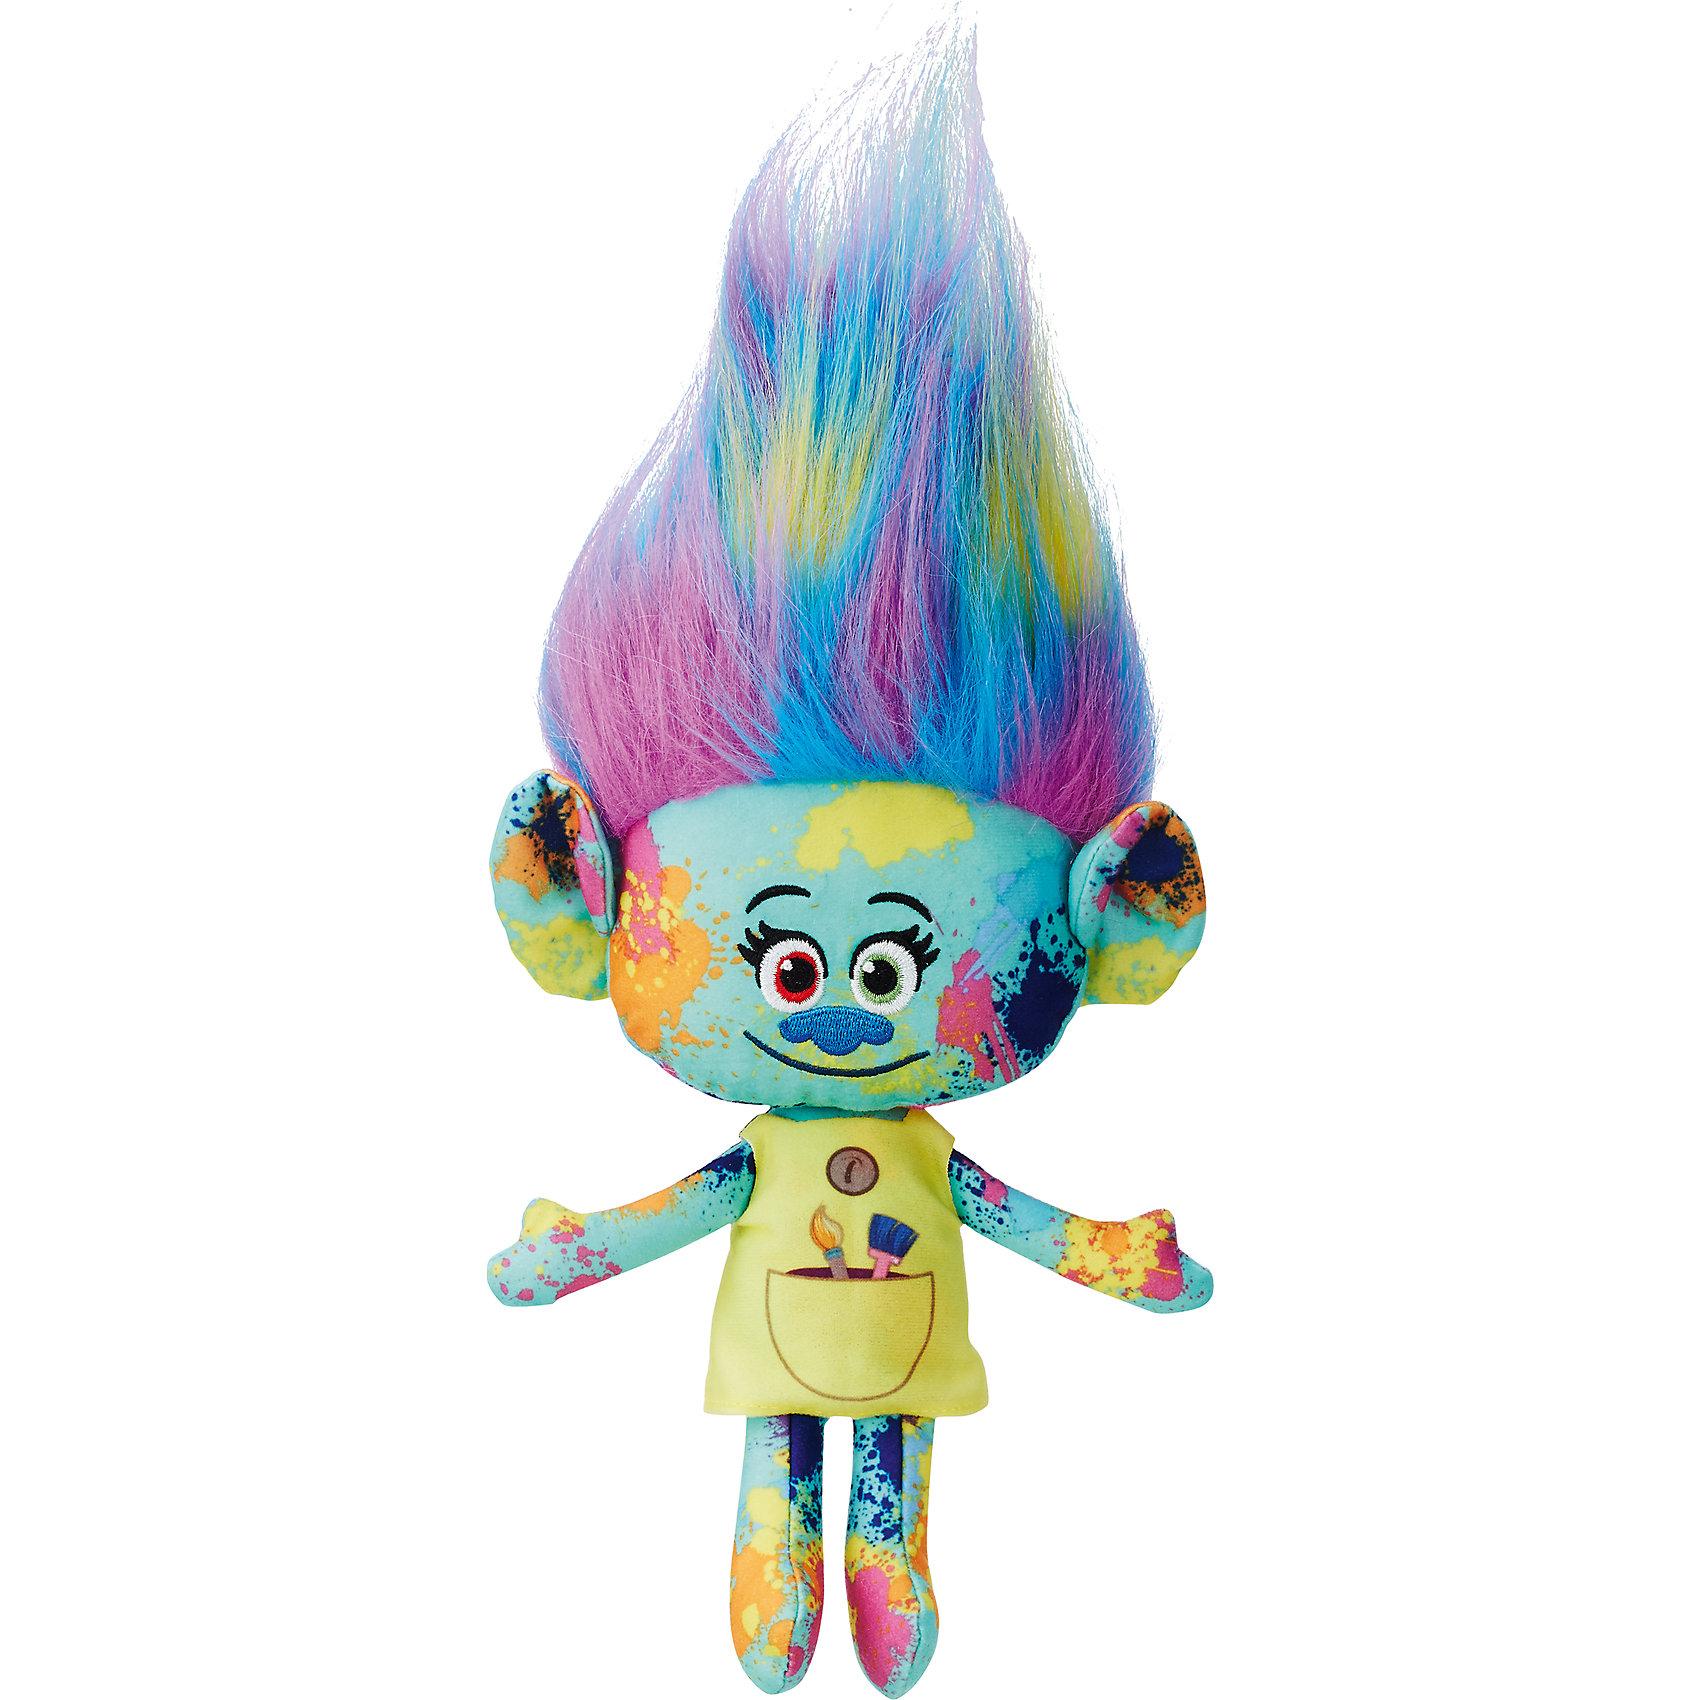 Мягкая игрушка Харпер, ТроллиТролли из плюша – Харпер-Пинсел.<br><br>Характеристики:<br><br>• Комплект: фигурка тролля.<br>• Материал: плюш.<br>• Размер игрушки – 28 см.<br><br>Тролли из плюша от торговой марки Hasbro созданы по мотивам известного мультипликационного фильма  Trolls.  Милые крошечные существа живут в чудесном мире танцев, песен и обнимашек. У них очаровательные мордашки с круглыми глазками и разноцветные яркие волосы. Тролль Харпер-Пинсел очень меленькая девочка. Кожа куклы бирюзового цвета полностью измазана разноцветными красками. Яркий желтый сарафан имеет большой нарисованный кармашек, в котором у Харпер-Пинсел хранятся две кисточки. На груди прорисована коричневая пуговка. Милые глаза куклы разных цветов – красного и зеленого. Маленький синий носик отлично сочетается с ее цветом кожи. Кукла имеет шикарные длинные волосы с желтыми, голубыми и розовыми прядями, которые подняты вверх. Игрушка выполнена из качественных материалов - текстиля и плюша. Собери всю коллекцию троллей!<br><br>Тролля из плюша – Харпер - Пинсел, можно купить в нашем интернет - магазине.<br><br>Ширина мм: 70<br>Глубина мм: 165<br>Высота мм: 356<br>Вес г: 268<br>Возраст от месяцев: 48<br>Возраст до месяцев: 96<br>Пол: Унисекс<br>Возраст: Детский<br>SKU: 5177816